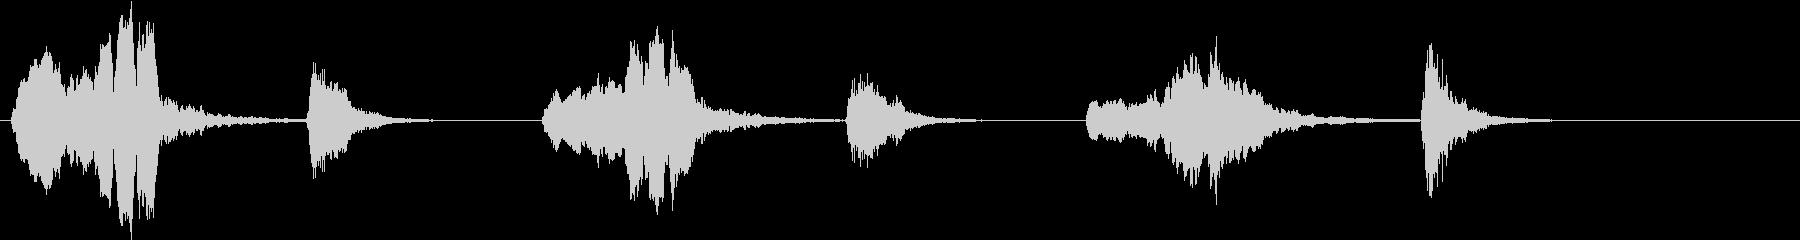 トムとジェリー風なアニメ音楽「忍び足」4の未再生の波形